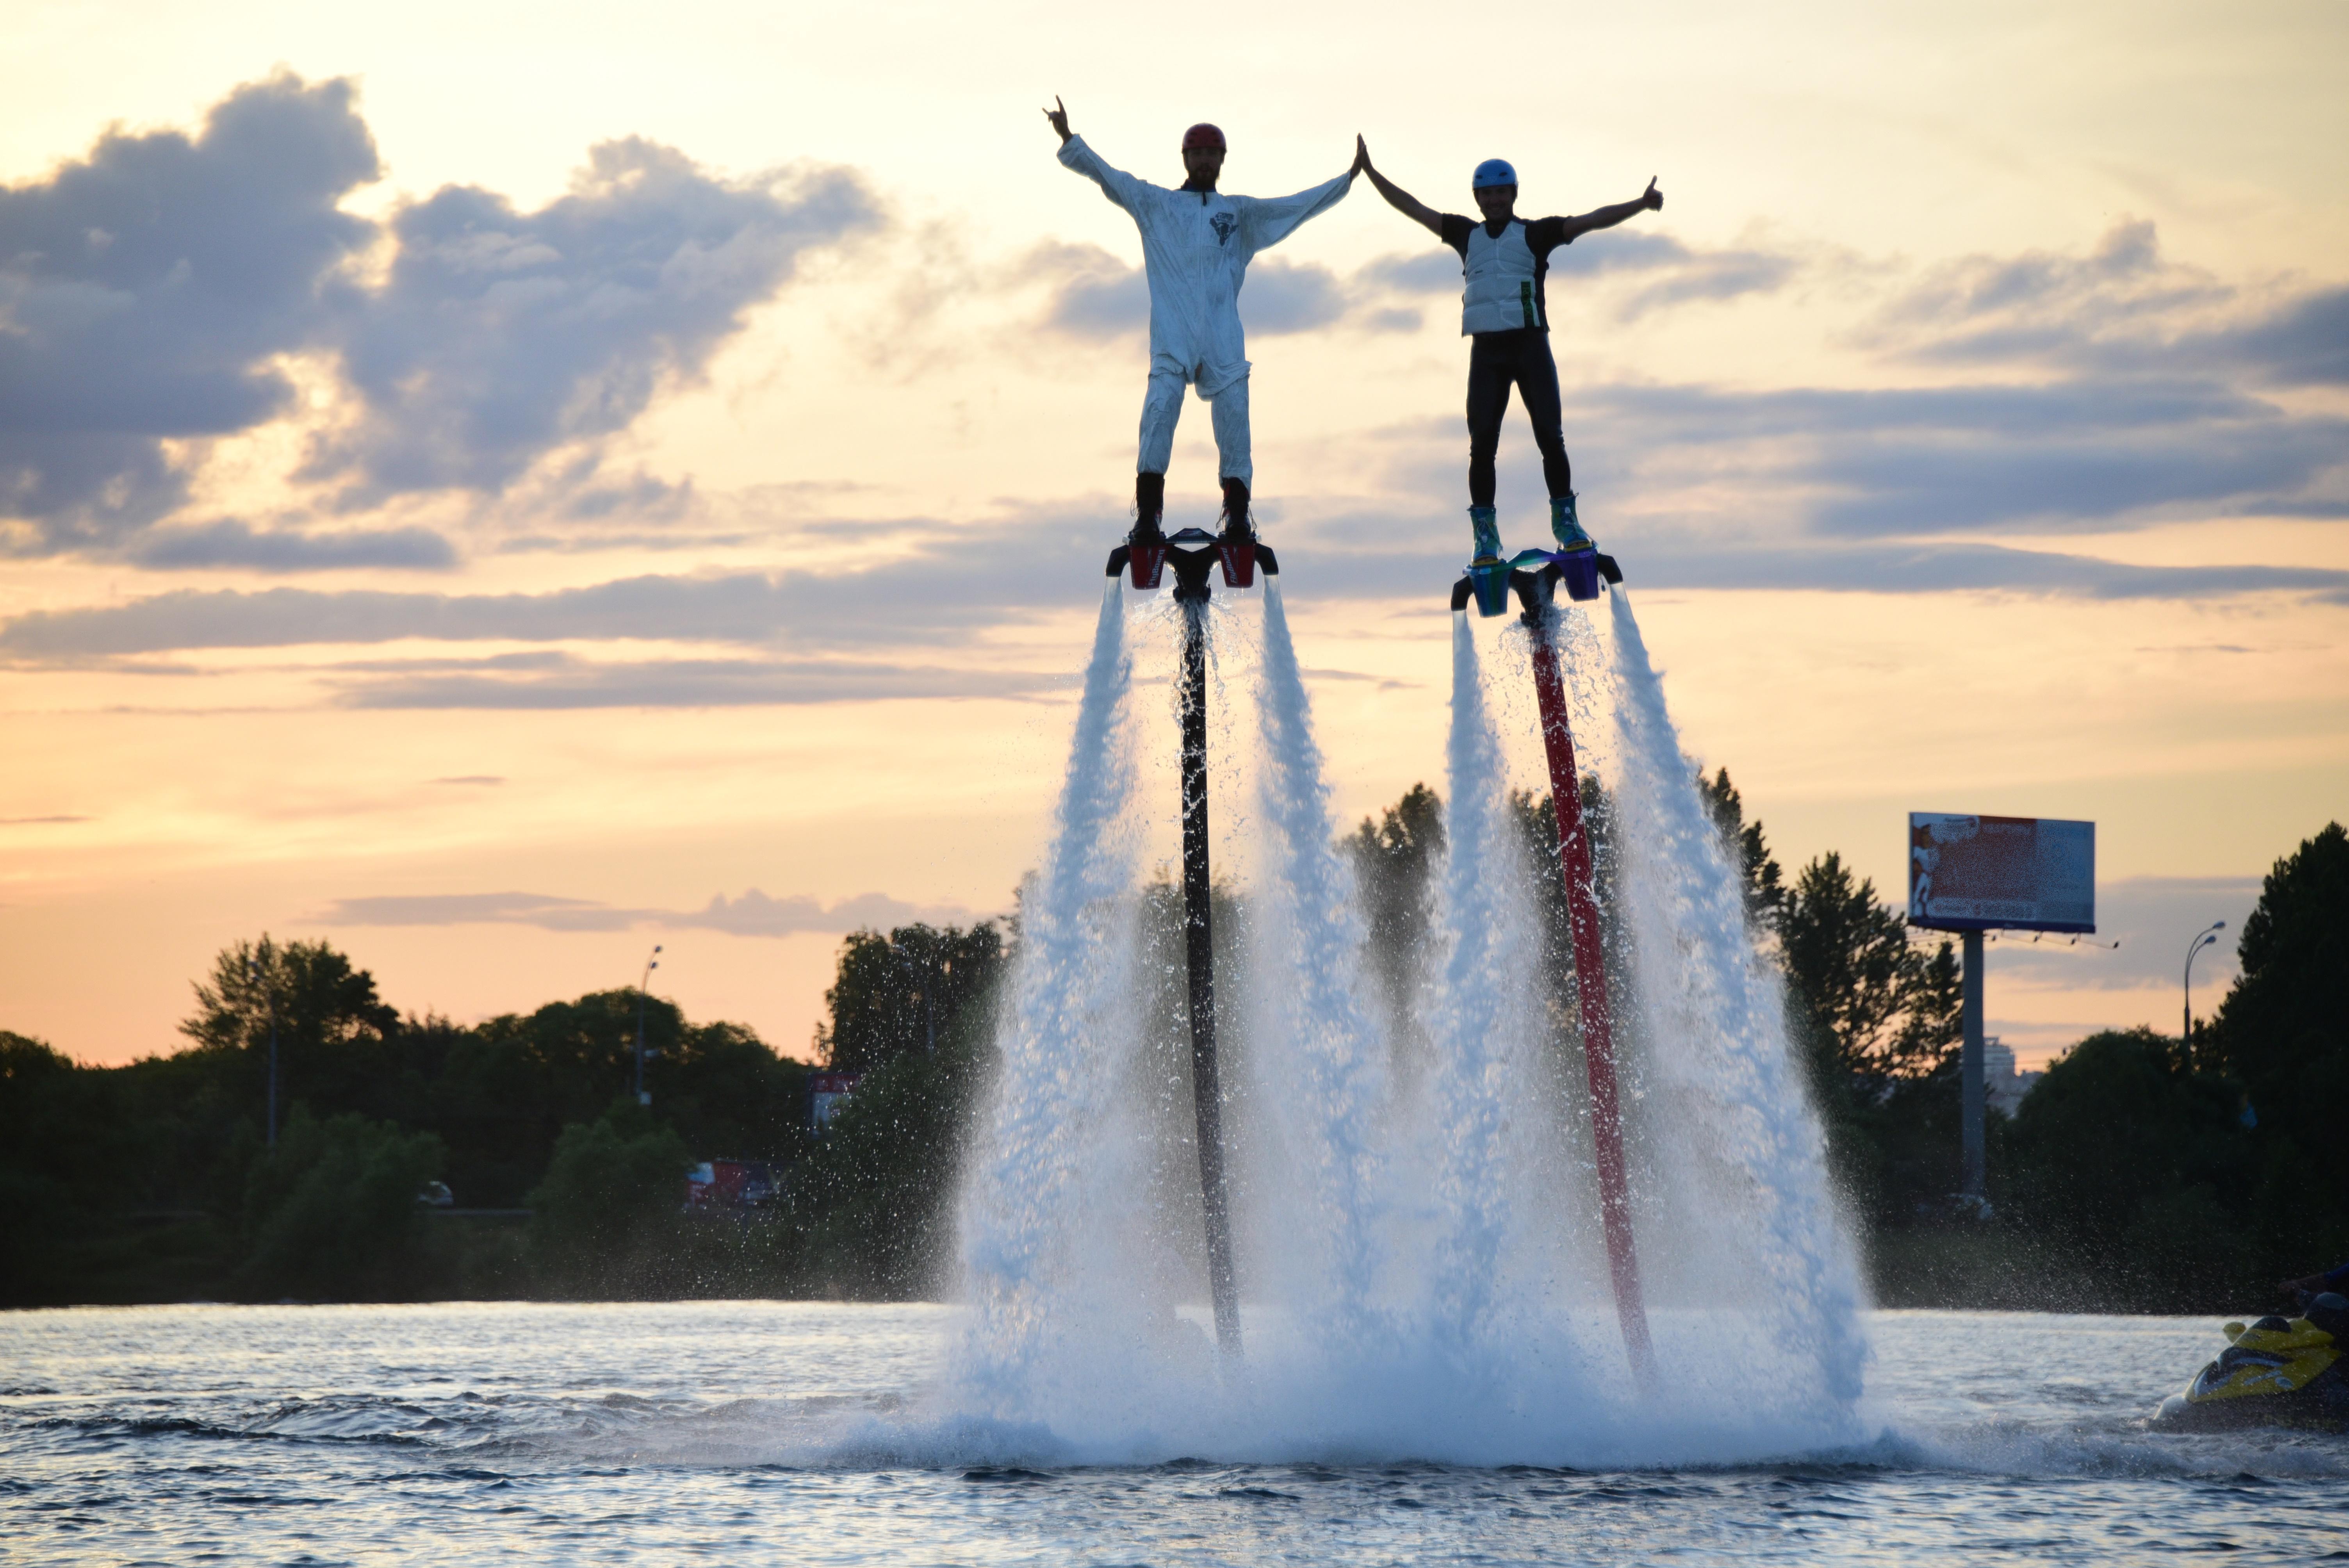 Ожидается участие более 500 спортсменов. Фото:Антон Гердо